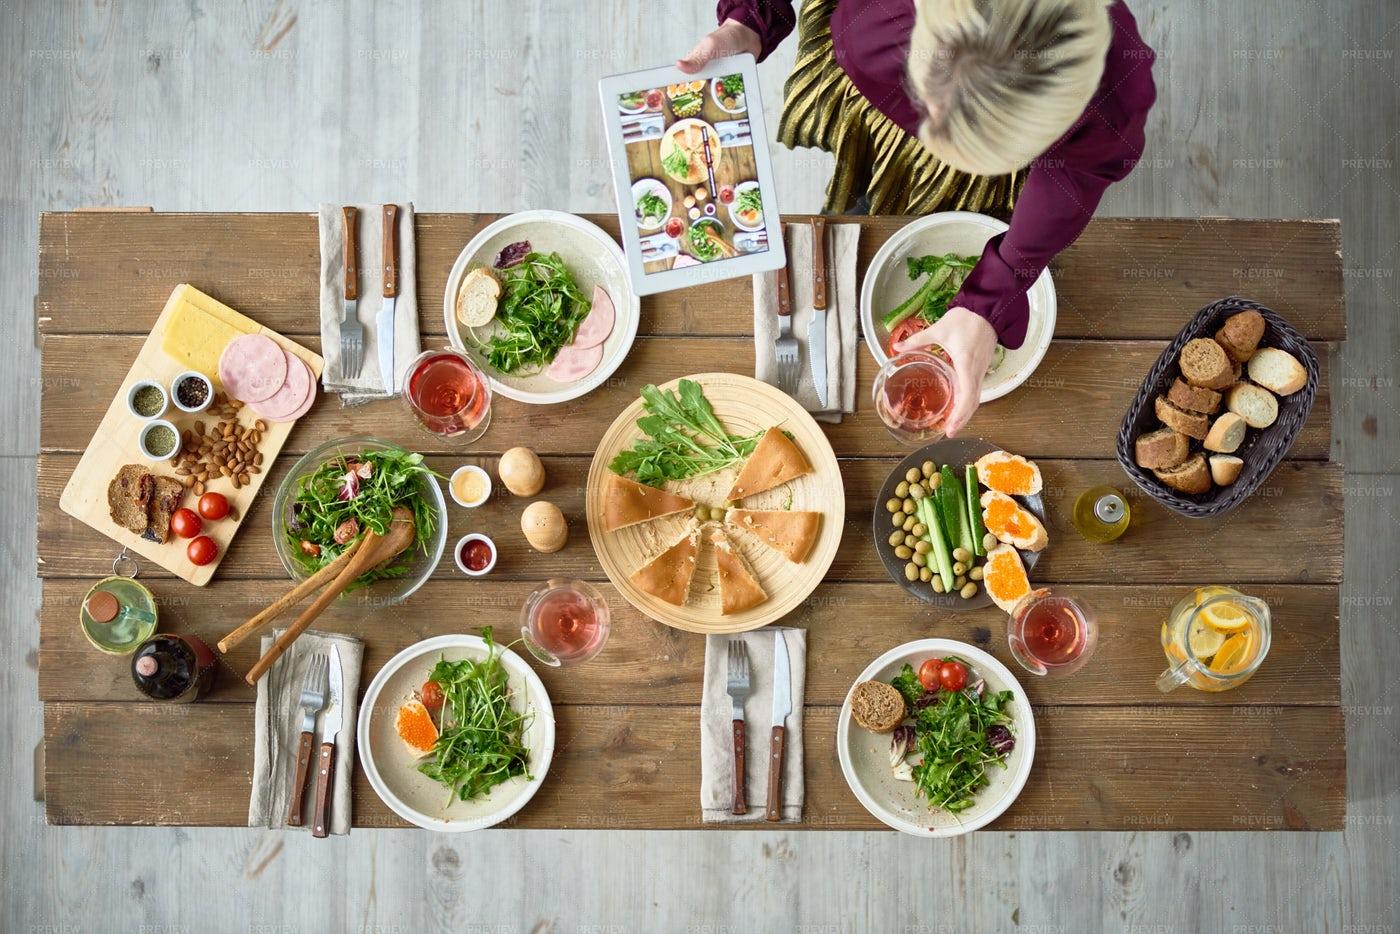 Festive Dinner Table With Food: Stock Photos